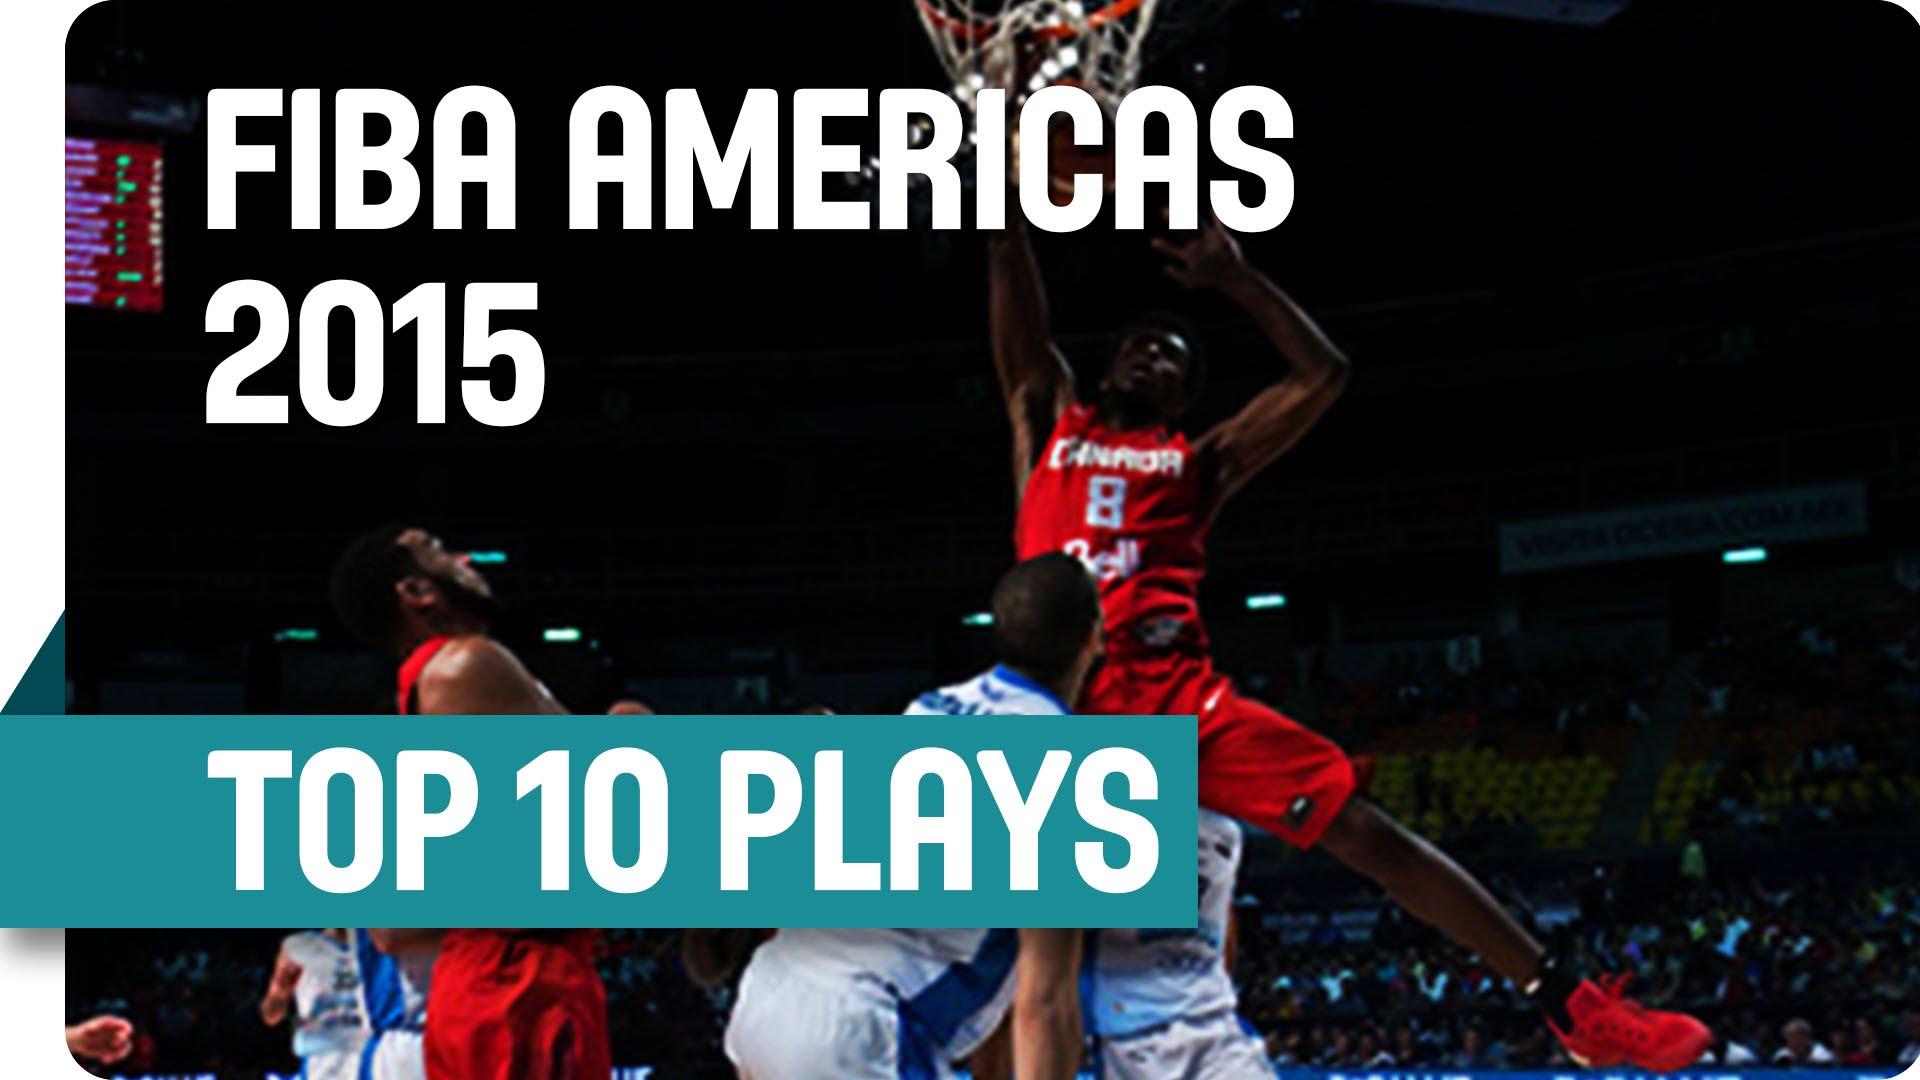 Le Top 10 du championnat des Amériques